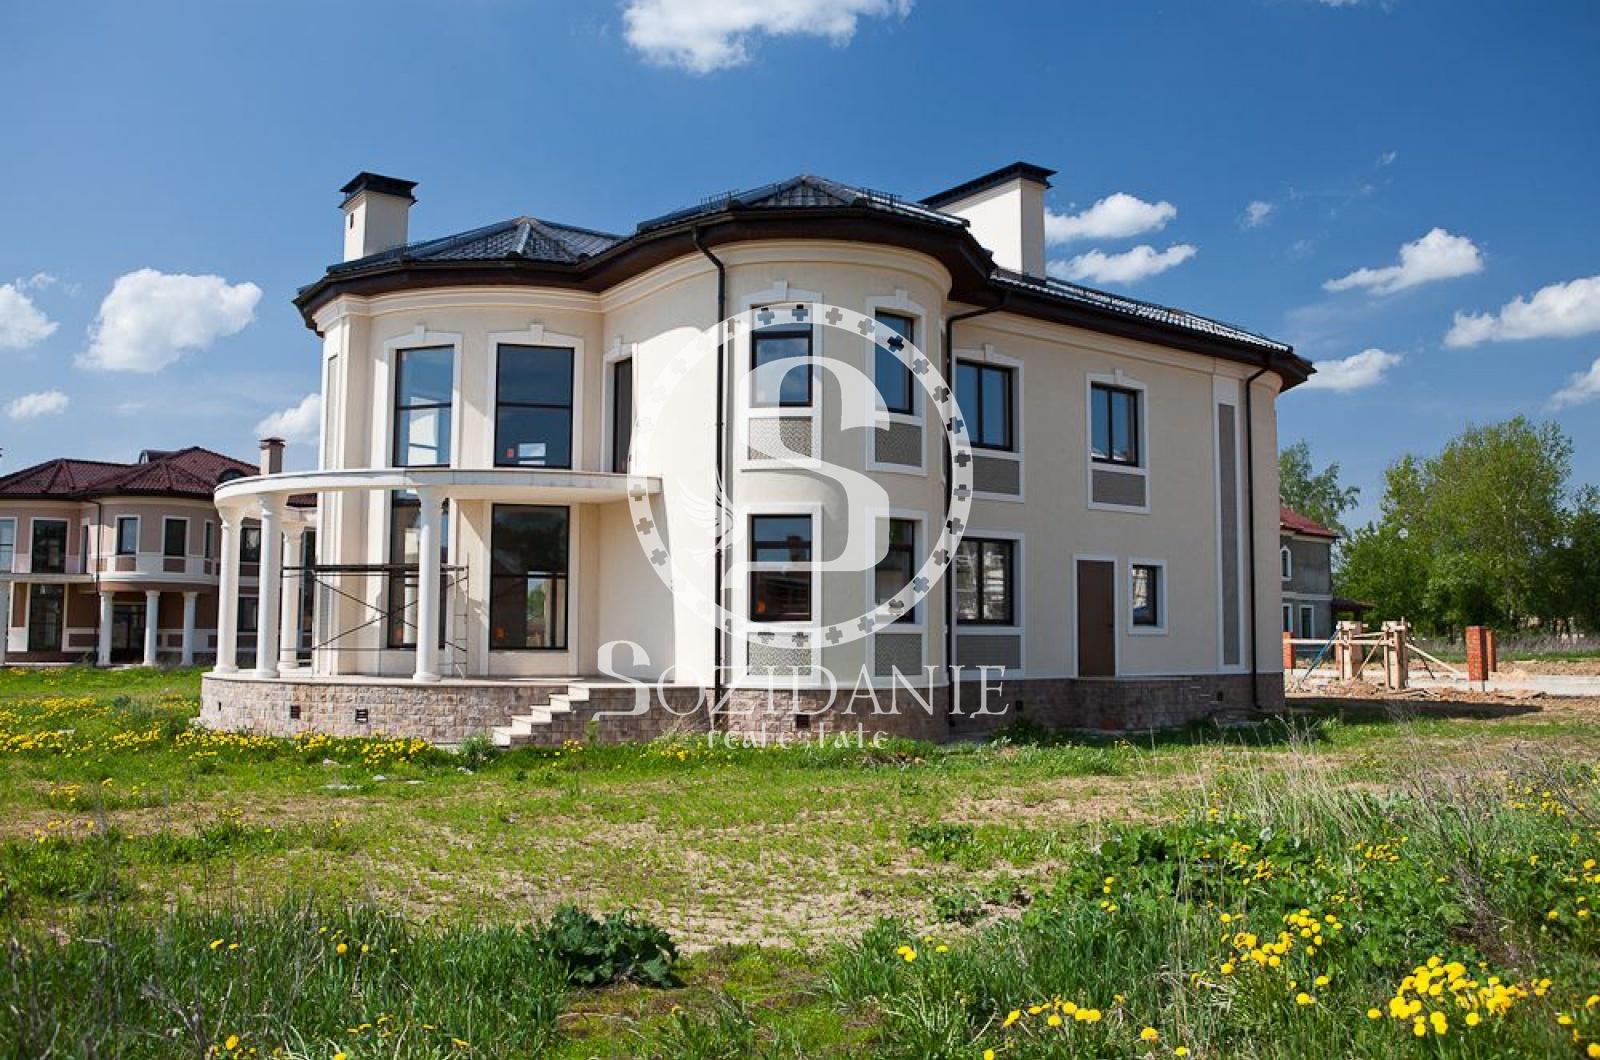 3 Bedrooms, Загородная, Продажа, Listing ID 1509, Московская область, Россия,